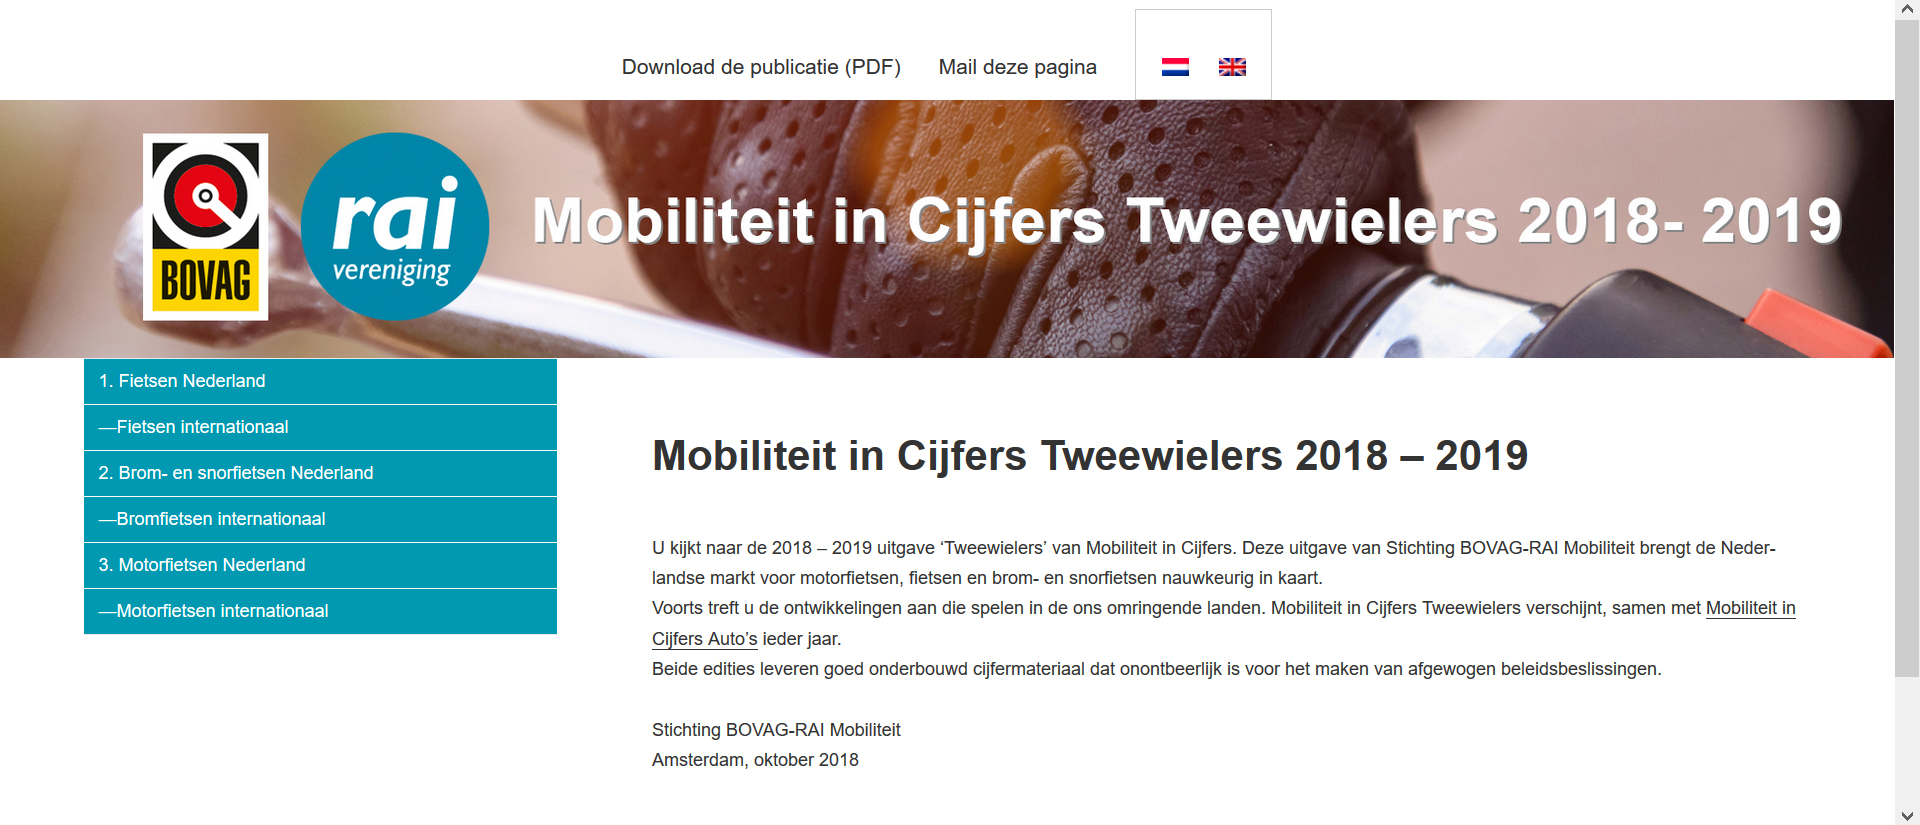 Mobiliteit in Cijfers Tweewielers 2018